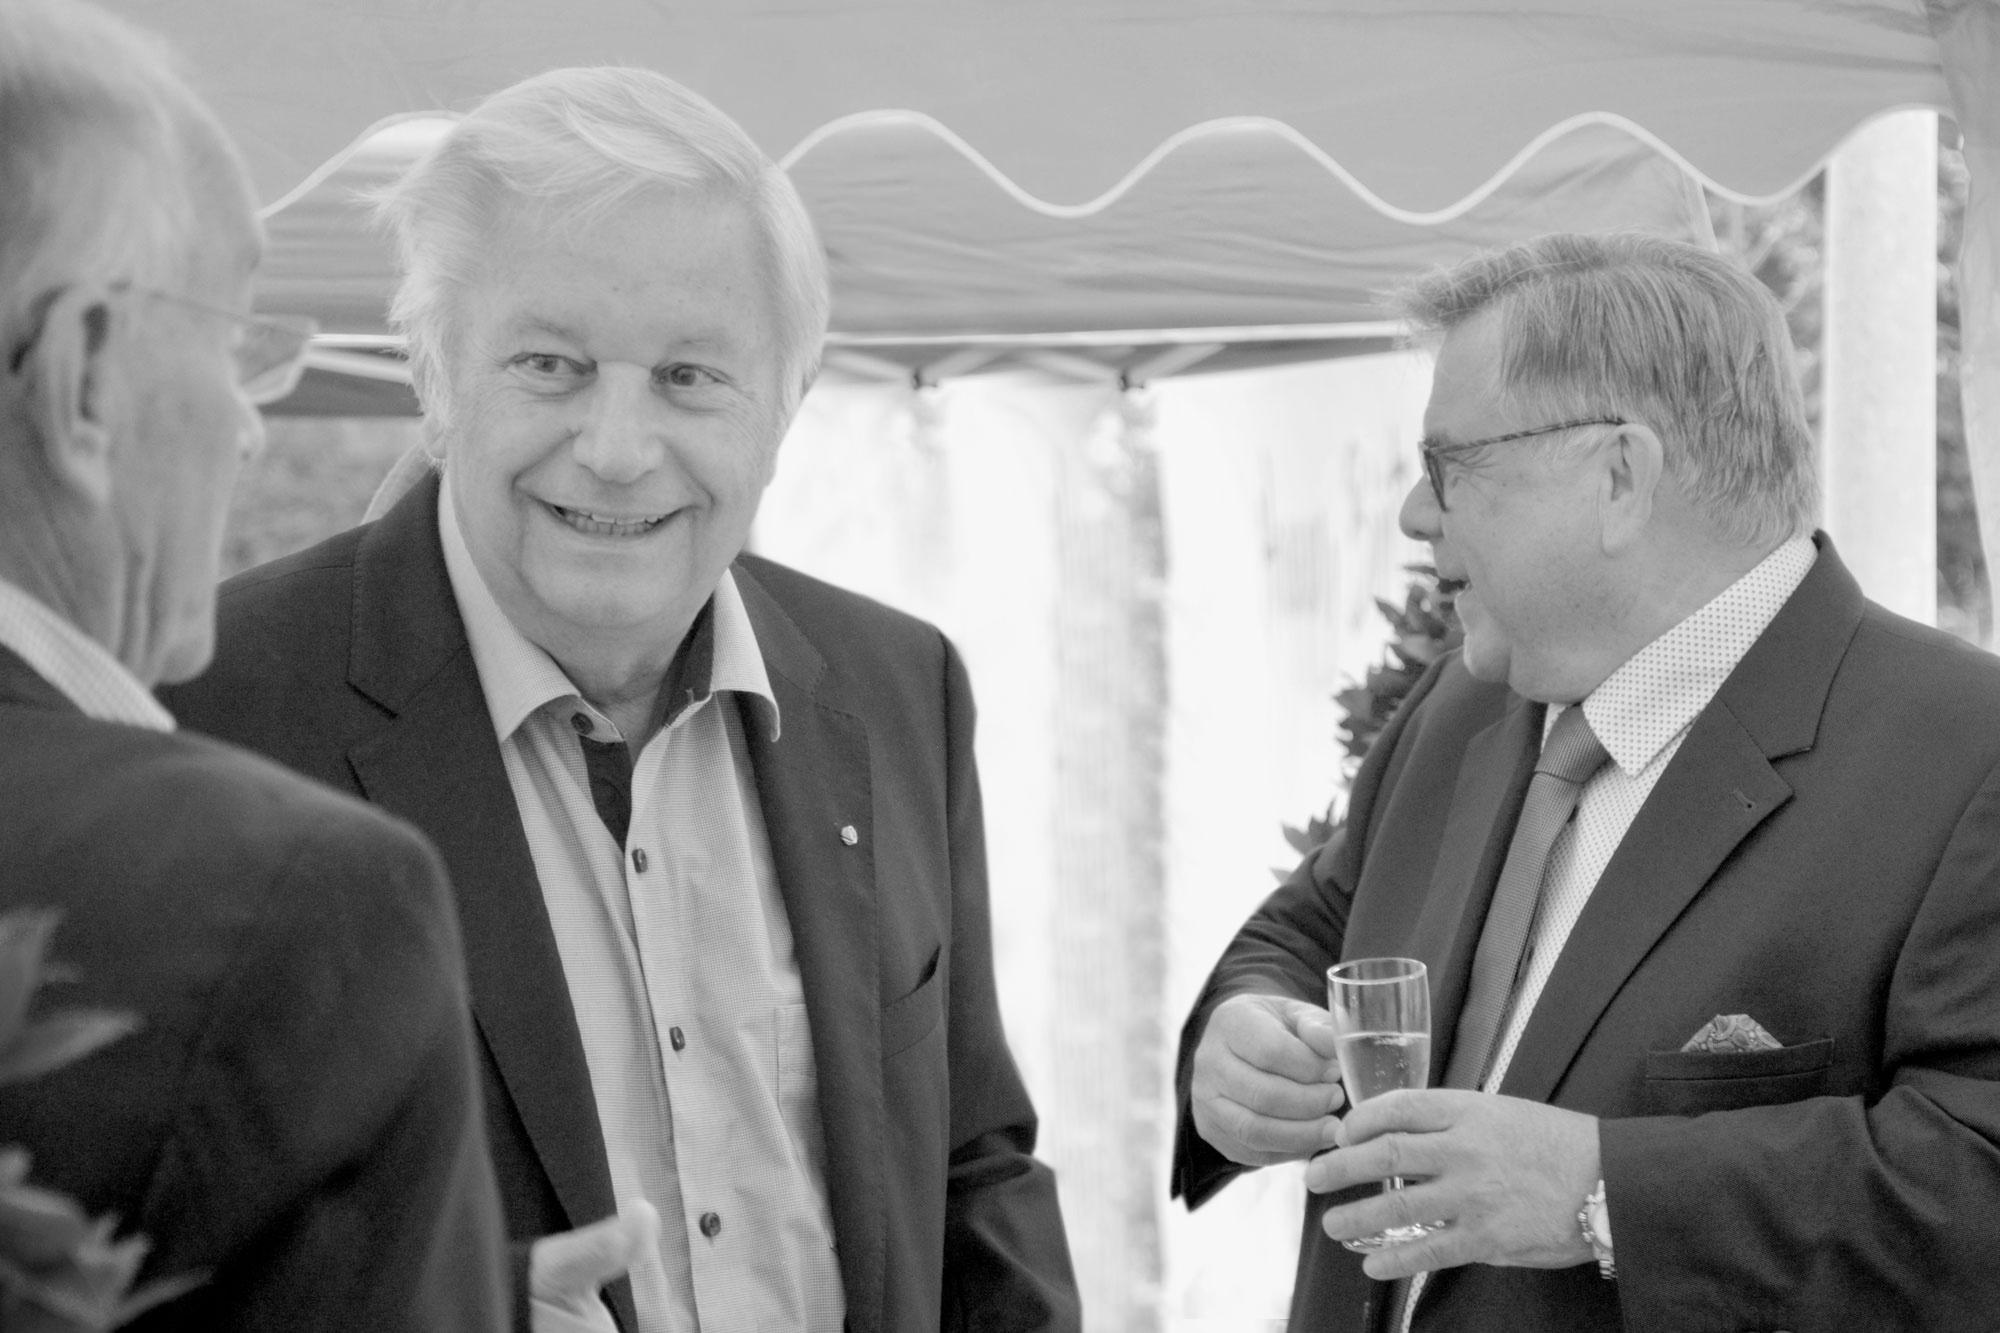 Lebenshilfe-Familie trauert um Hansgeorg Hauser. Das Mitglied des Stiftungsrats der Lebenshilfe Nürnberger Land verstarb am 24.2.21 im Alter von 77 Jahren an den Folgen einer Leukämie-Erkrankung und Corona. (Archivbild 2020)